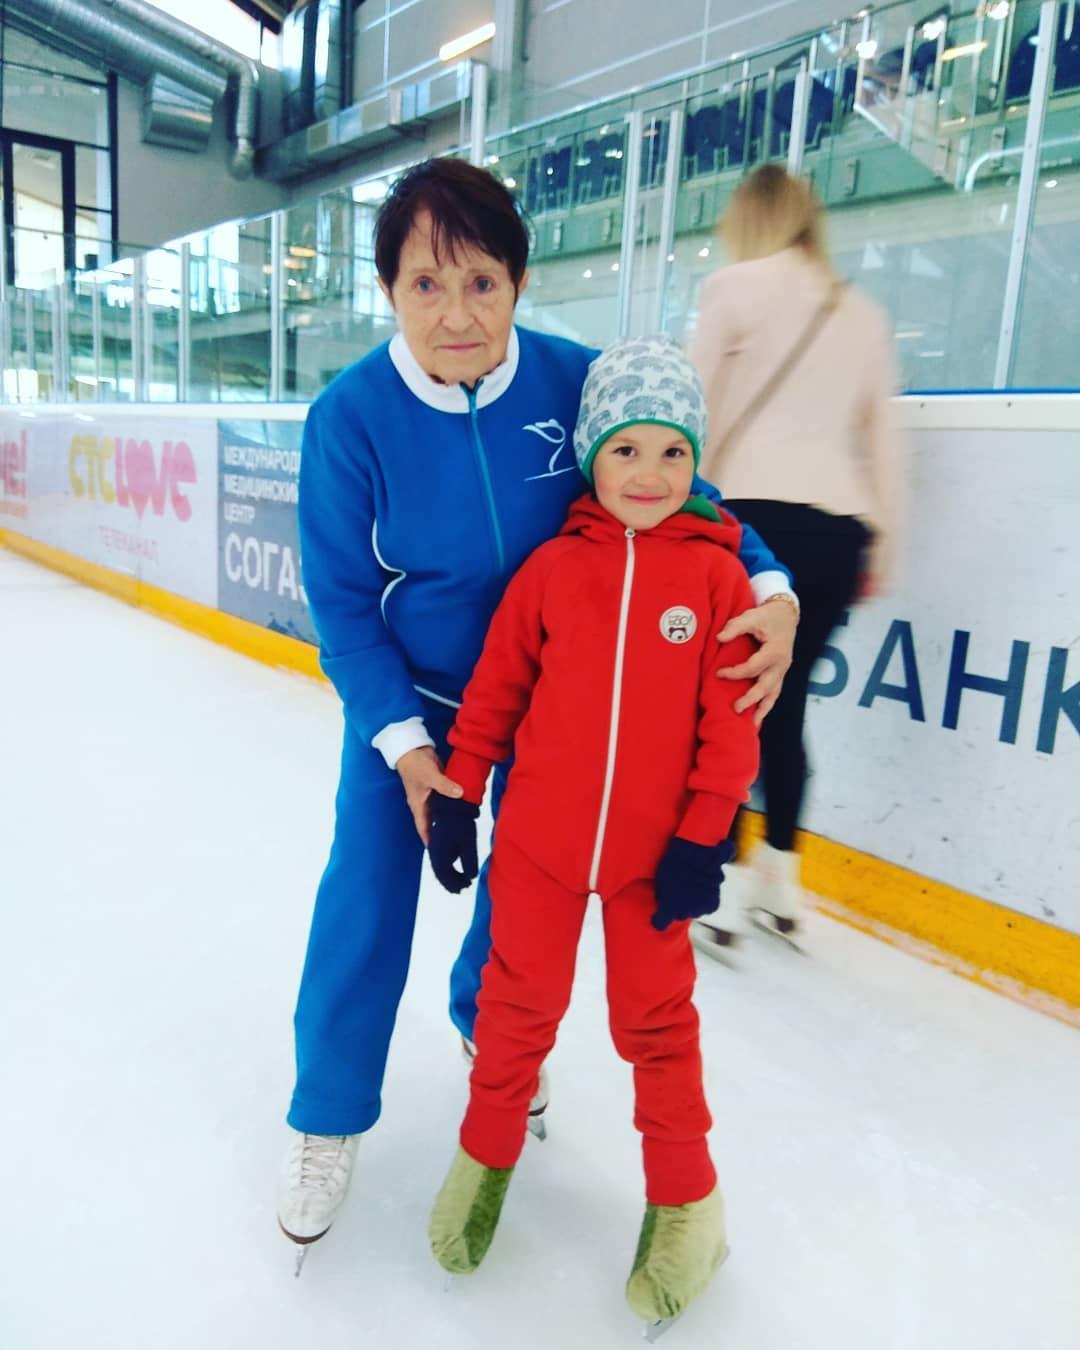 Школа Москвиной, парное катание (Санкт-Петербург, Россия) - Страница 14 6p4MW9FX8Ig